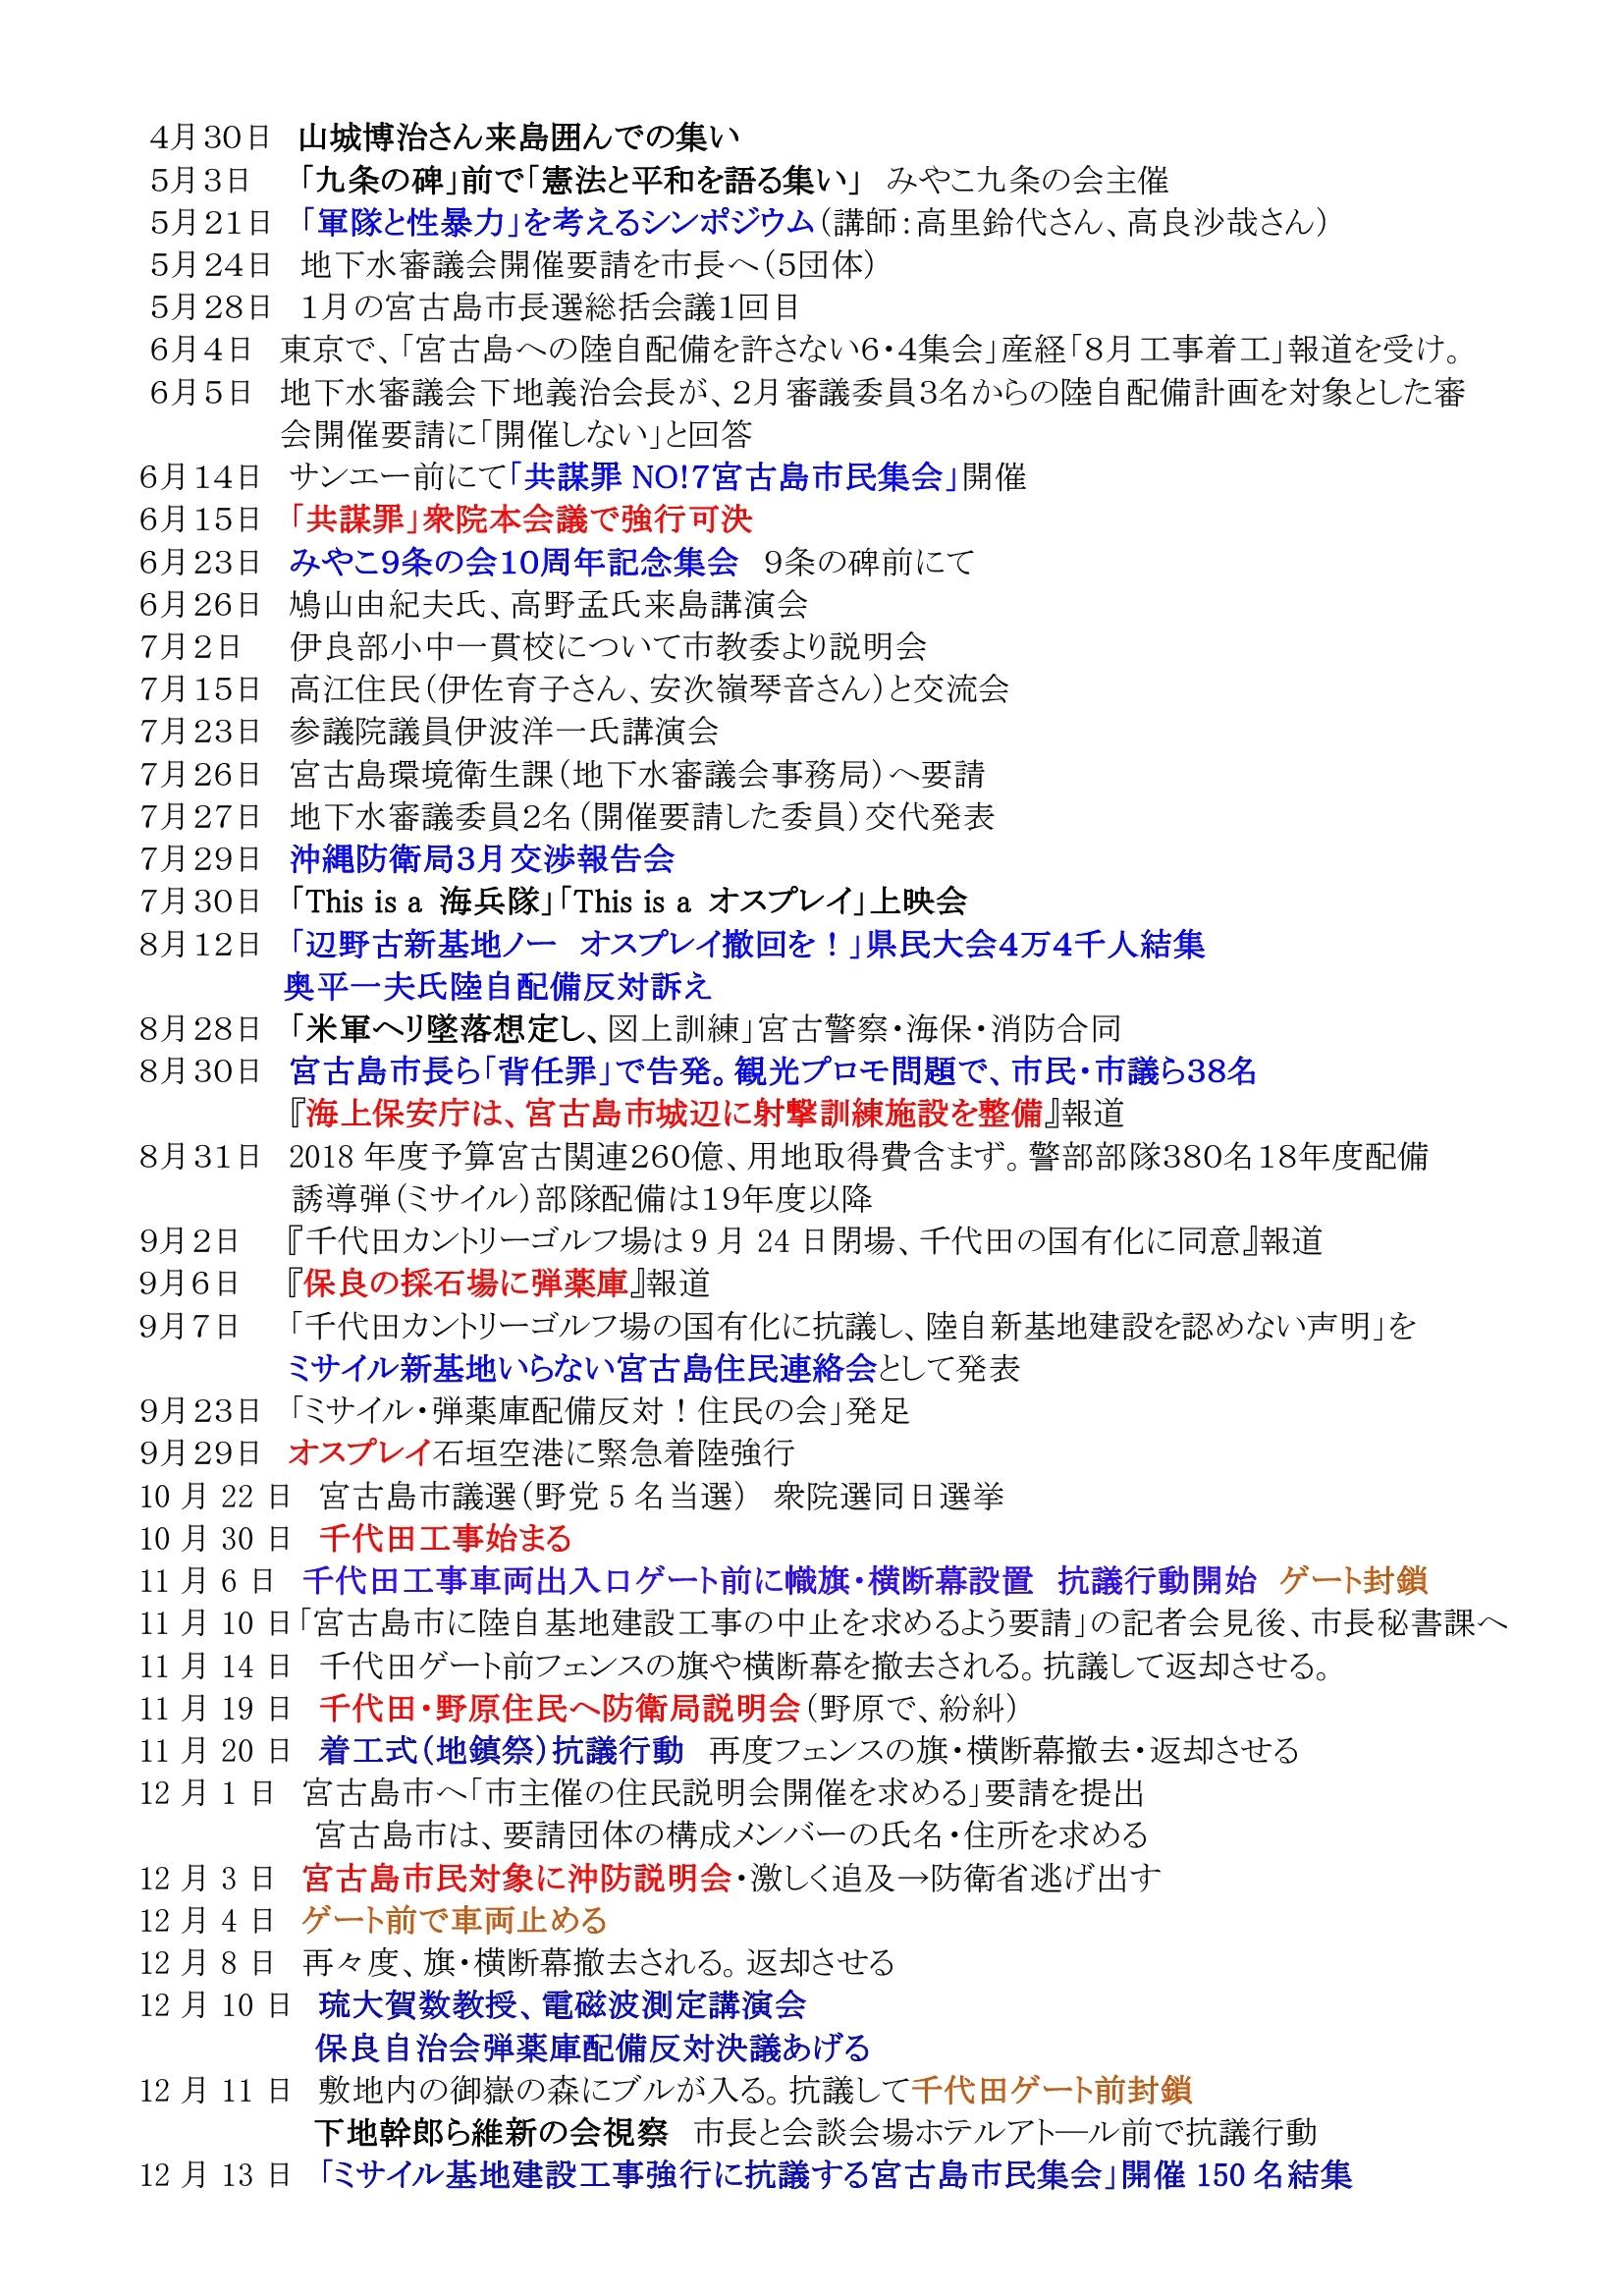 年表:宮古島における反軍反基地の闘い2010~2019 (1)0008